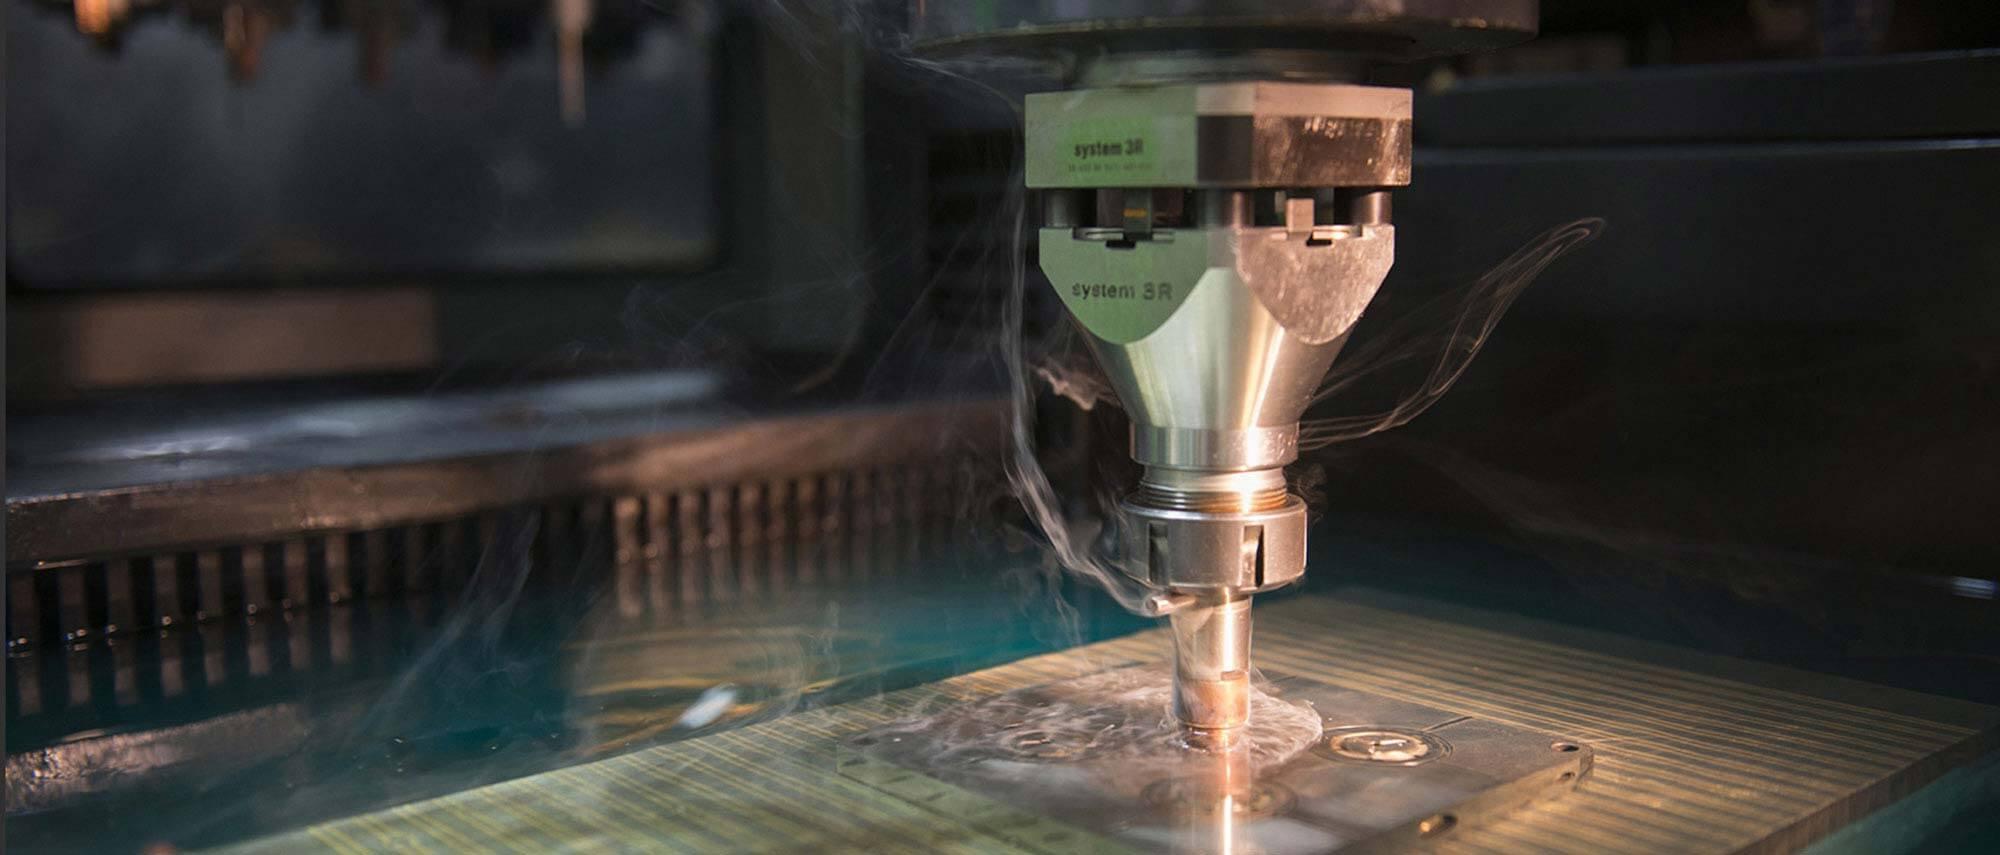 Notre équipe technique fabrique des moules métalliques de précision pesant jusqu'à 1 tonne, pour l'injection de pièces techniques en plastique et en zamak.